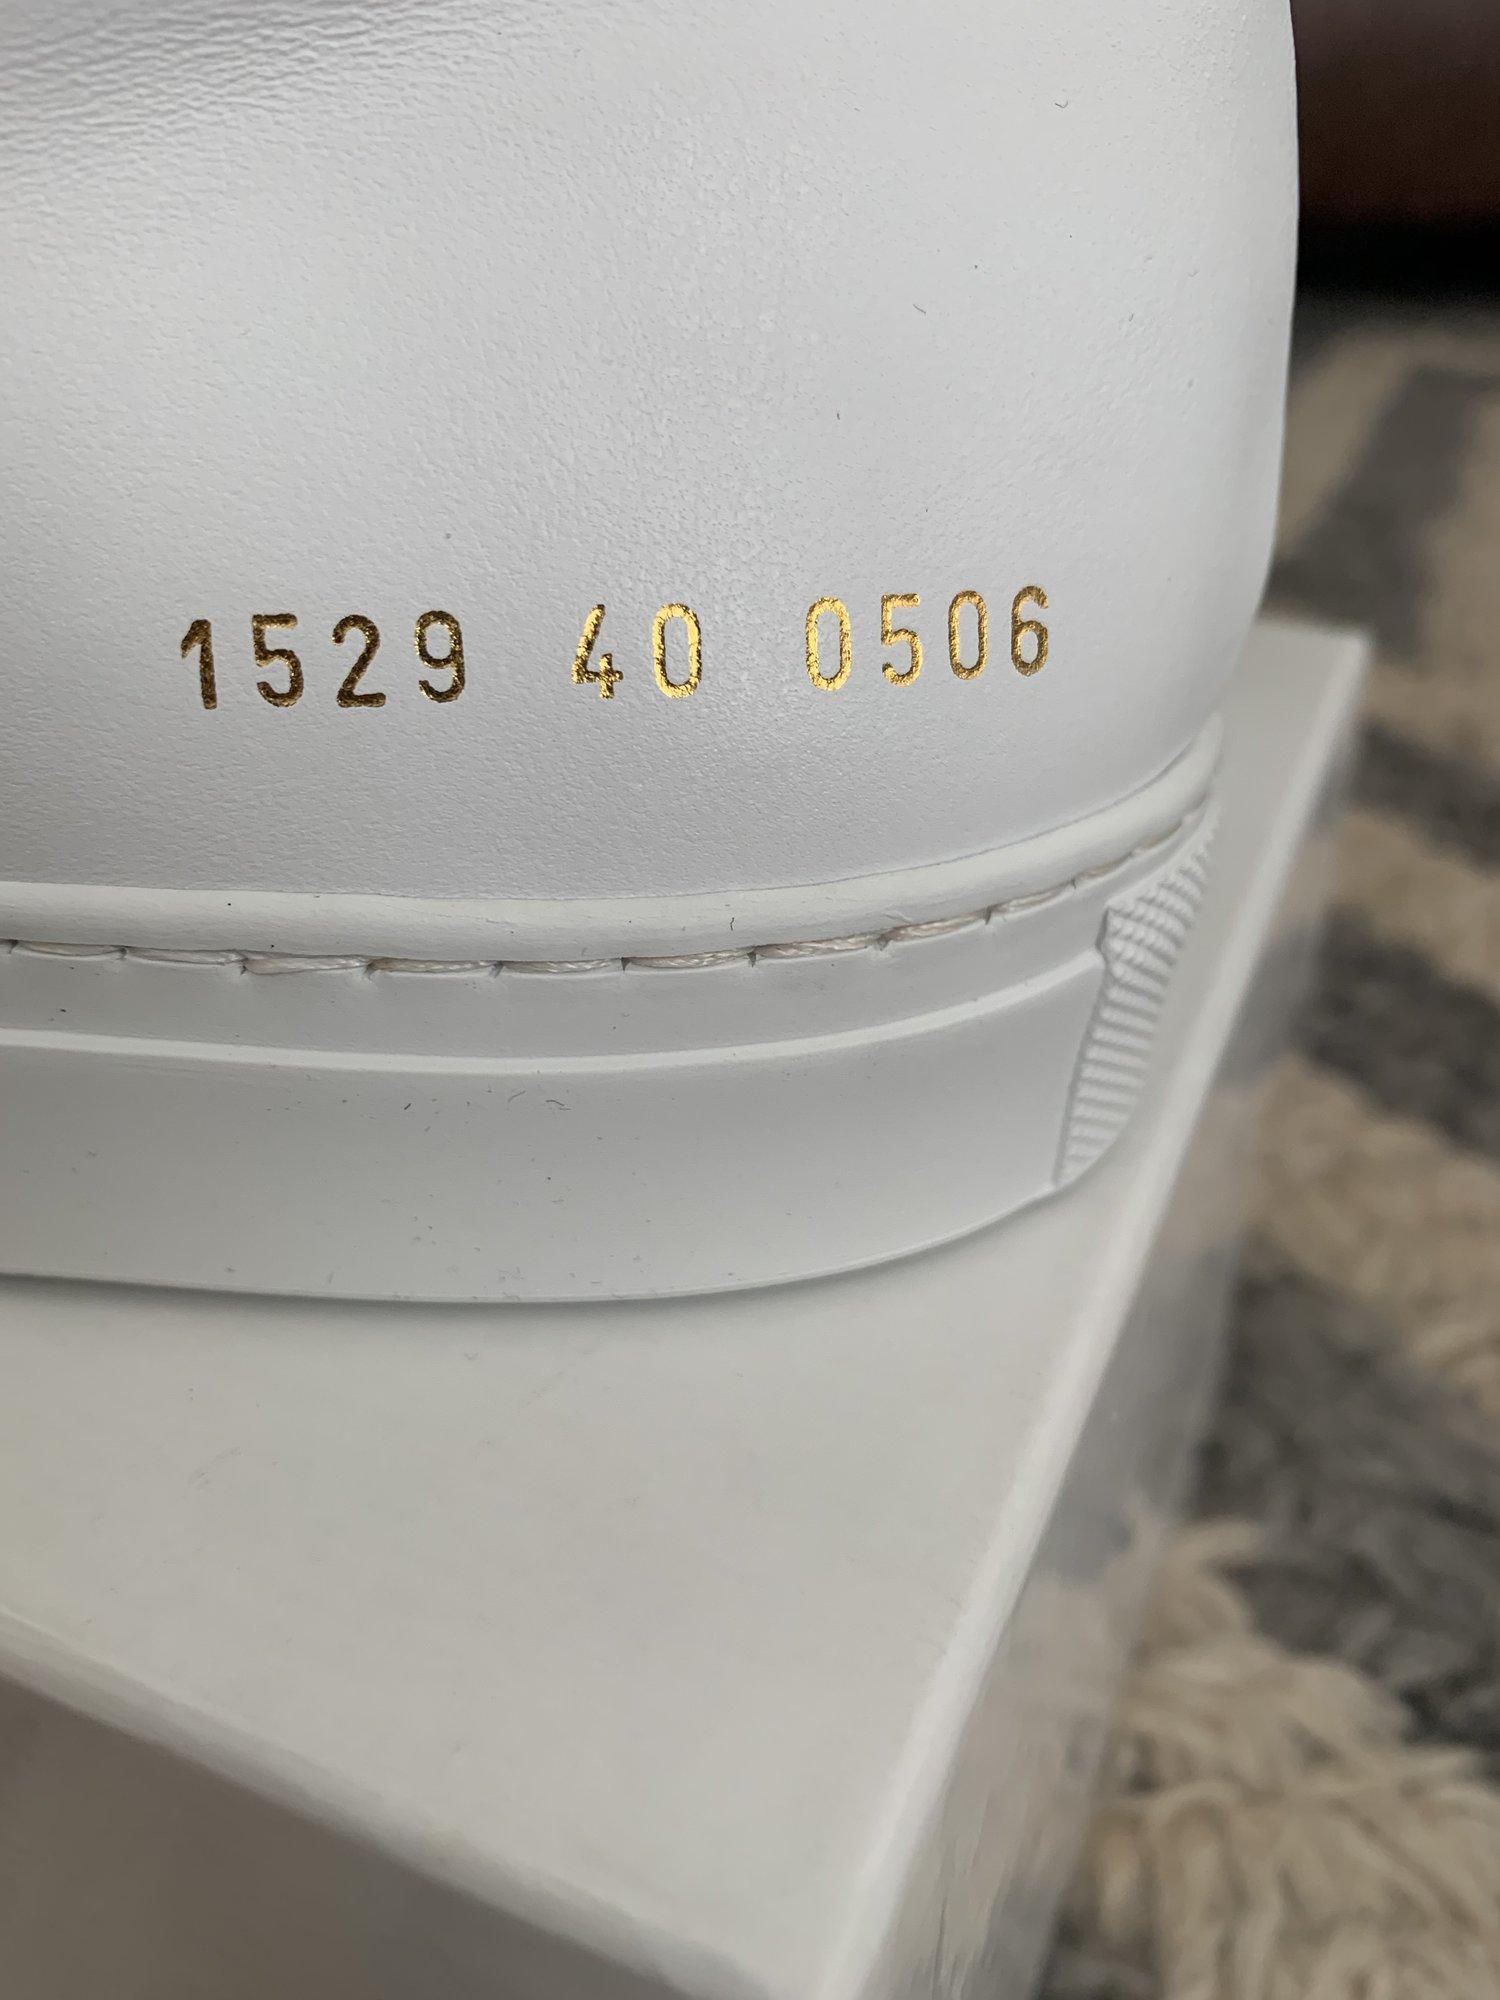 557FA7BA-2983-4153-89A1-DF6F39D9DBBB.jpeg